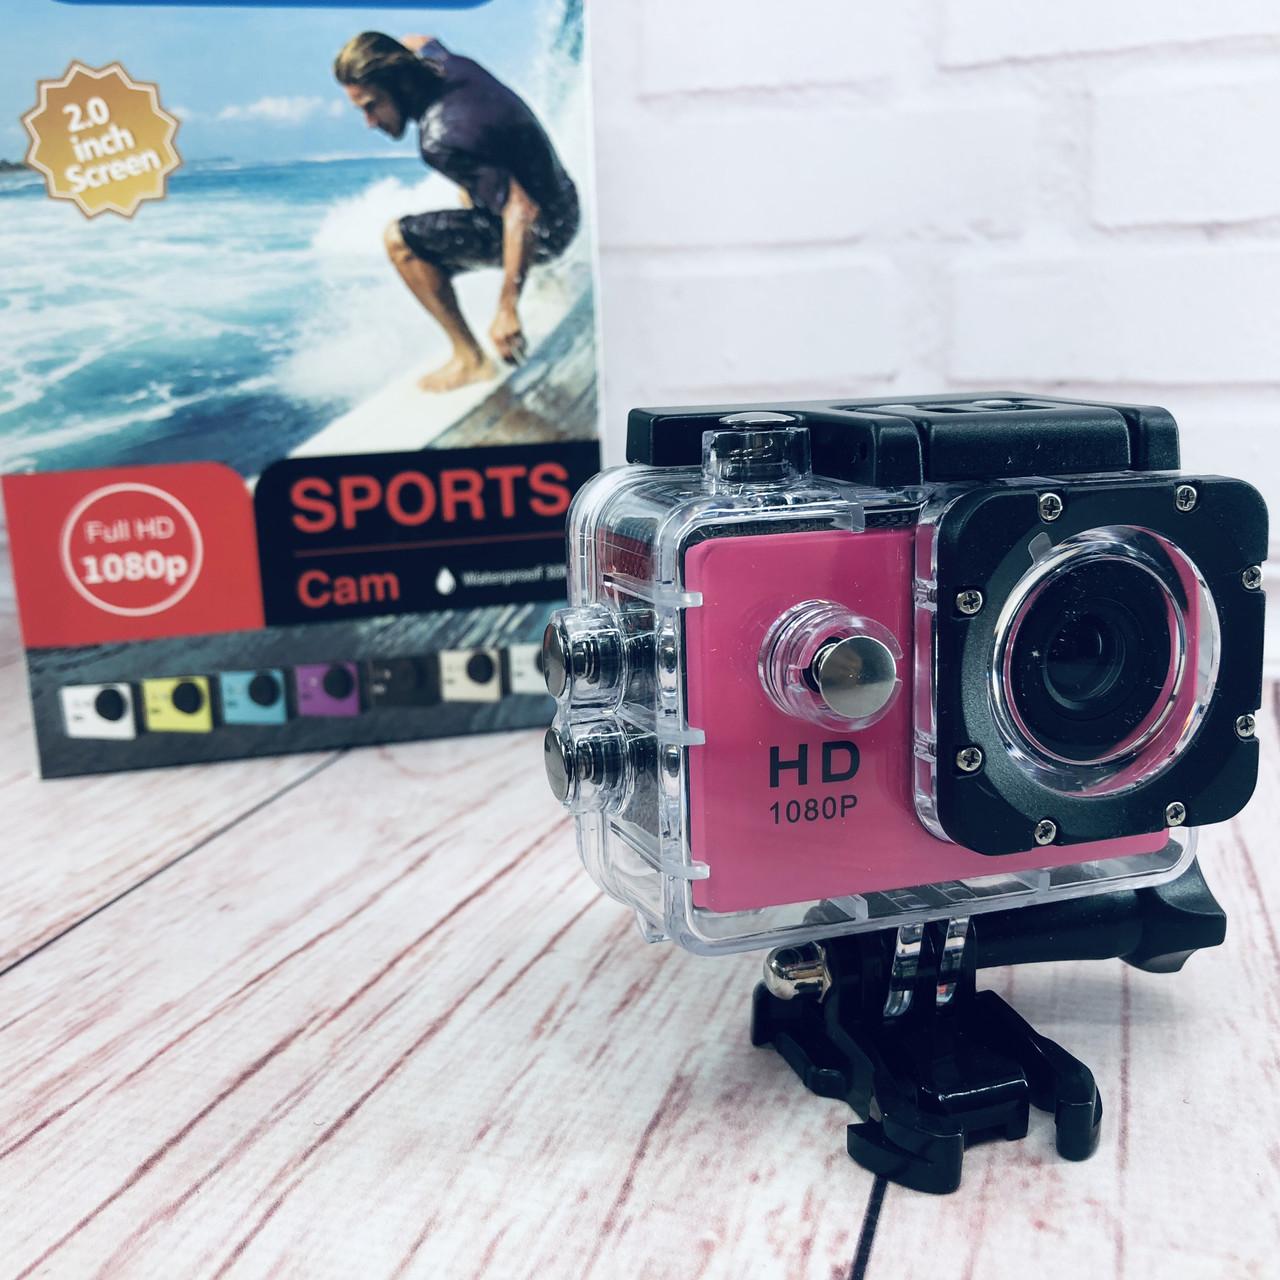 Экшн-камера А7 Sports Full HD 1080P (цвет розовый)